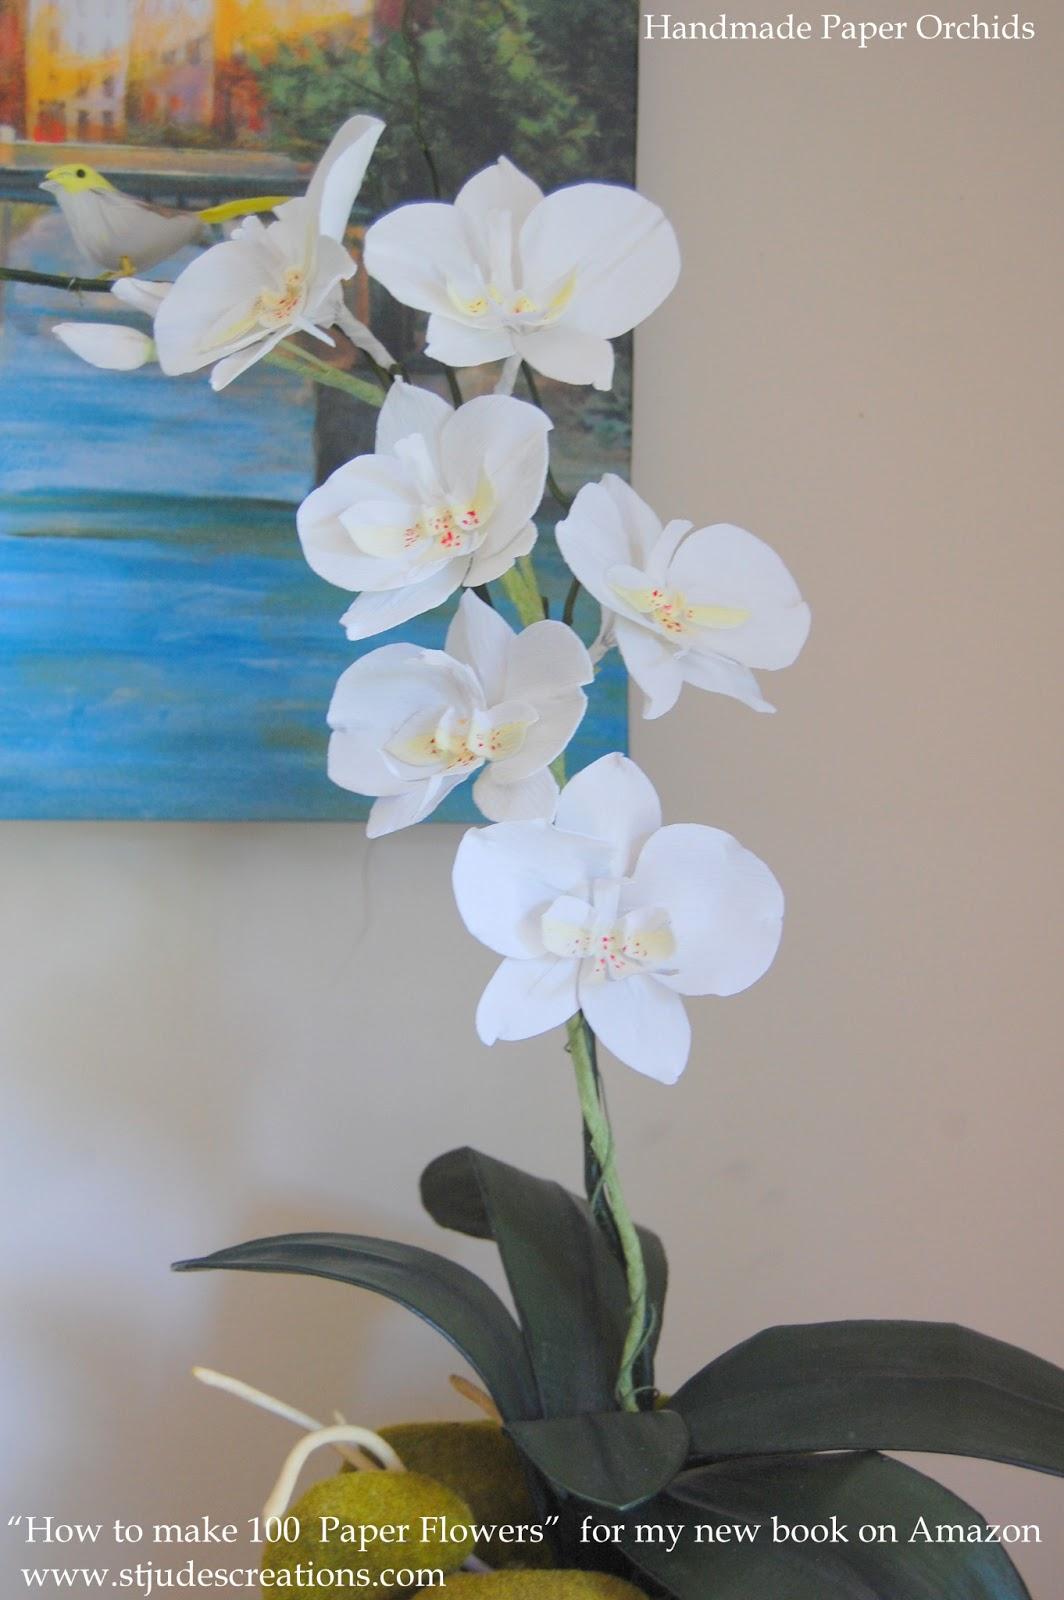 Paper Orchids Arrangements Home Decor Vase Bowl Handmade